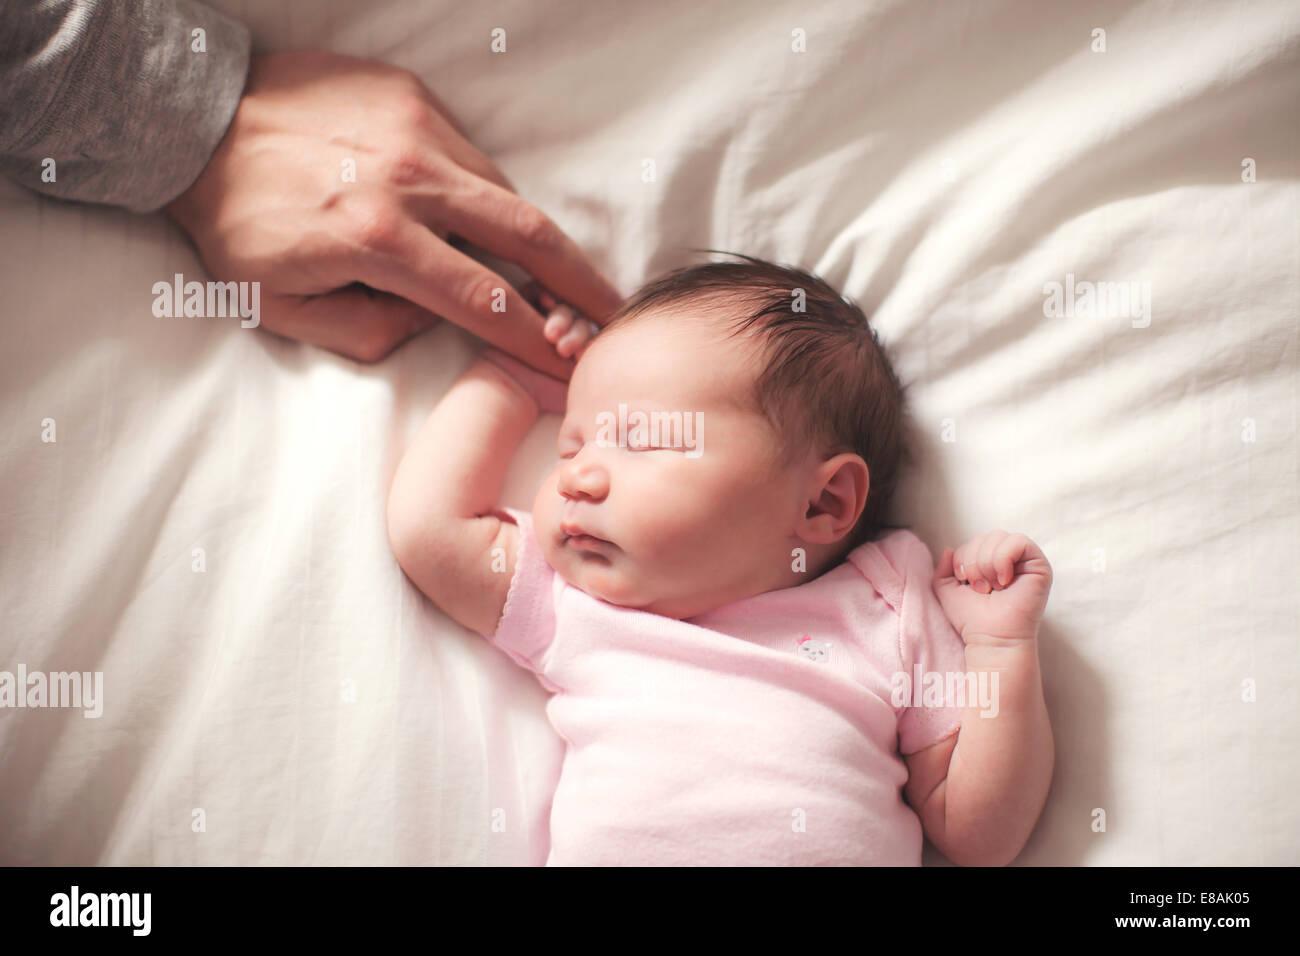 Babymädchen schläft, Hände von Vater Stockbild